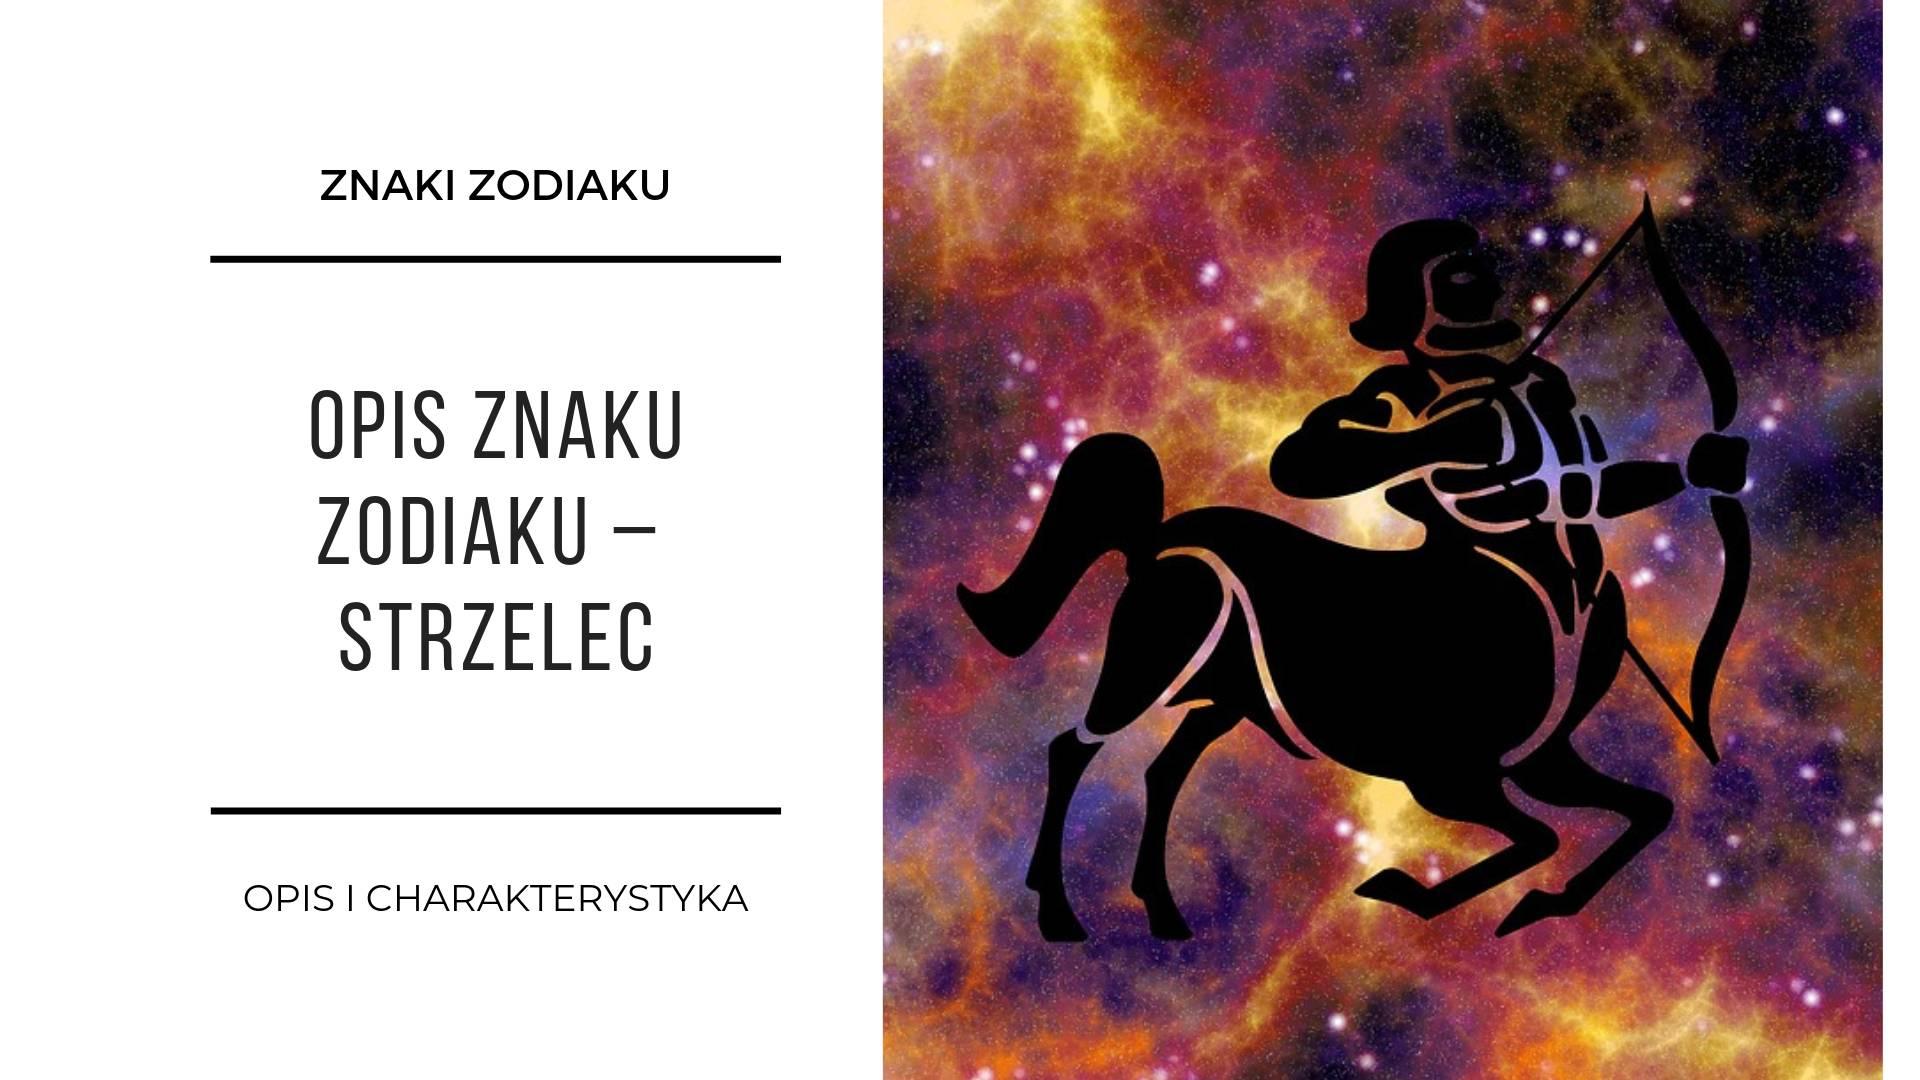 Znaki zodiaku 11